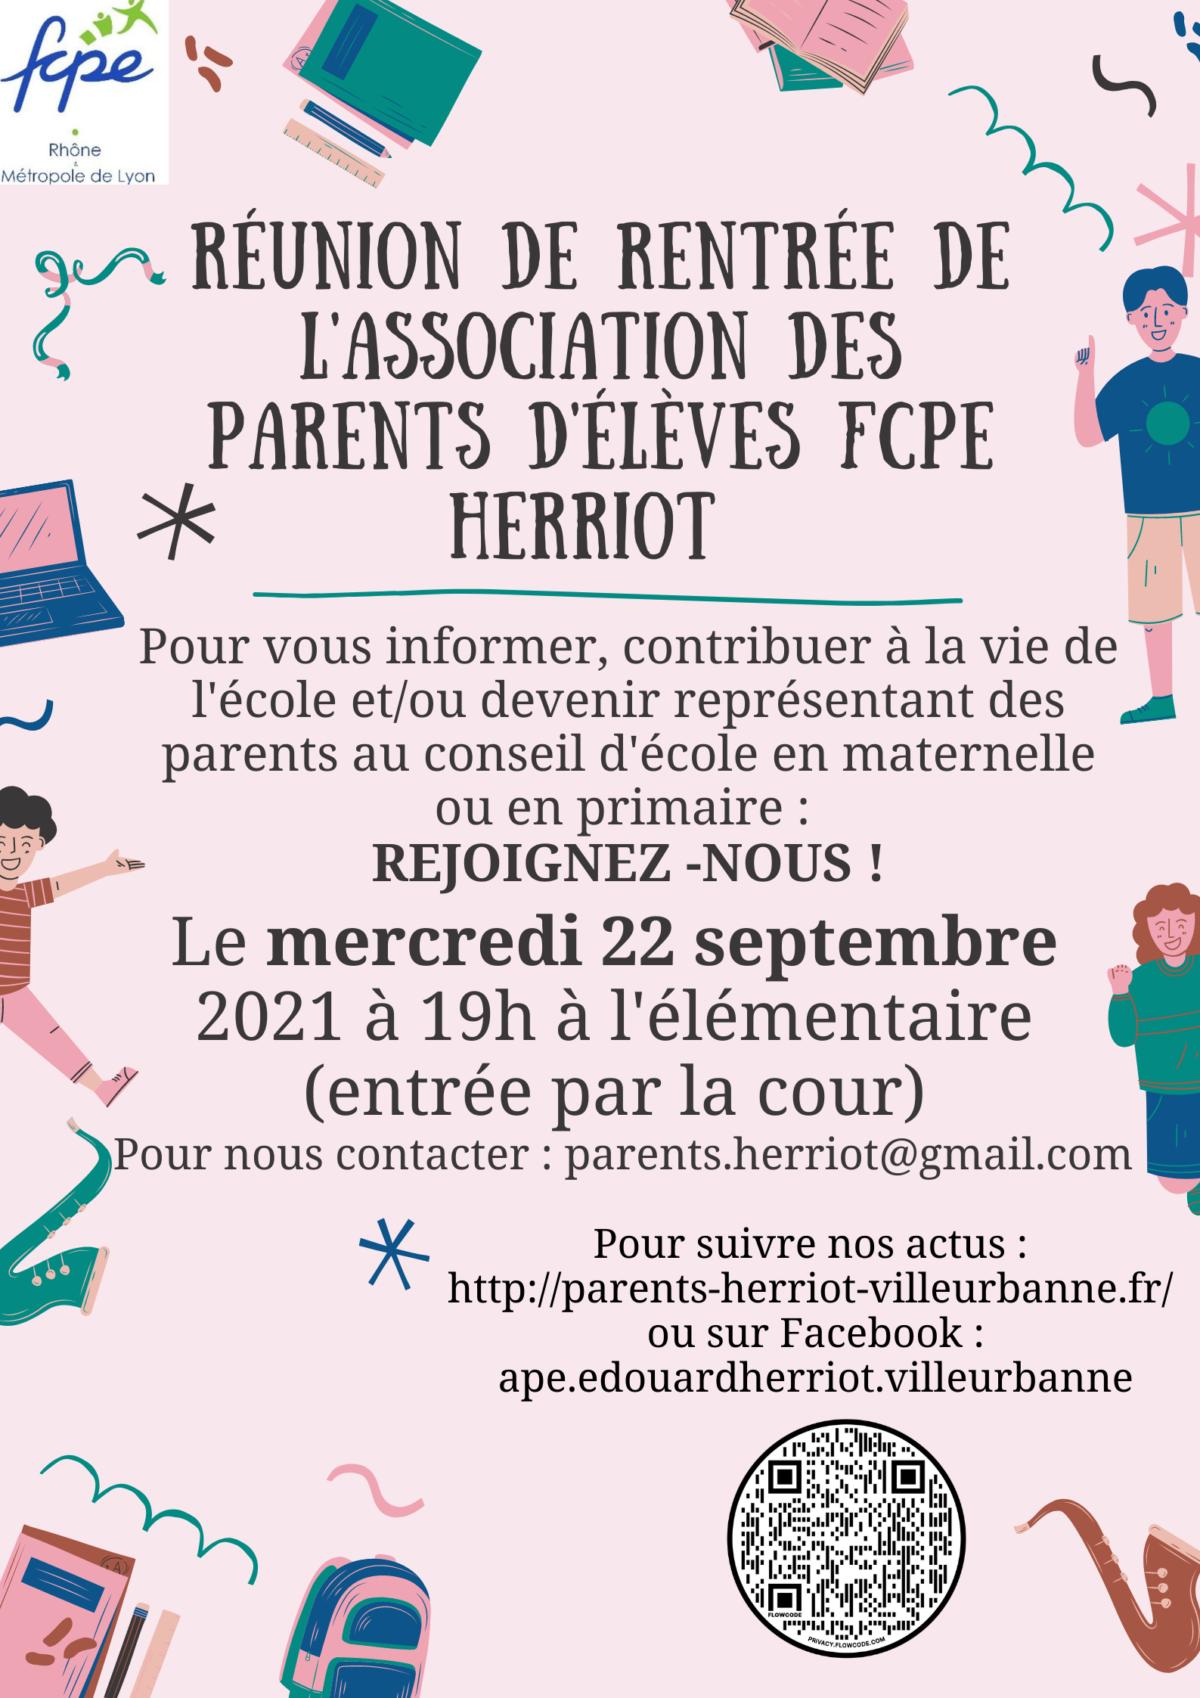 Réunion de rentrée de l'Association des Parents d'Elèves FCPE Herriot